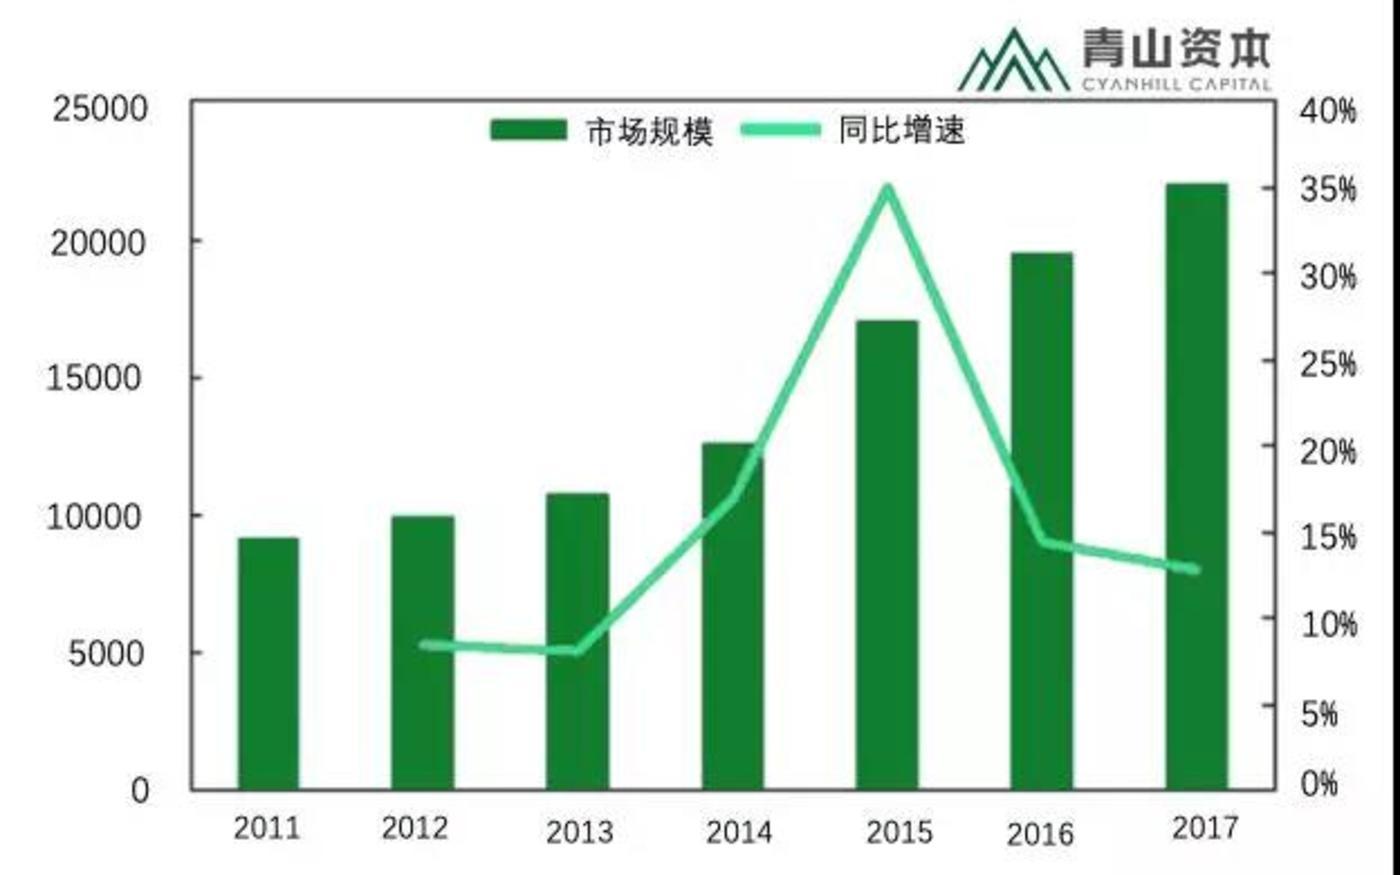 中国教育市场规模(亿元)及同比增速 来源:中国产业调研网